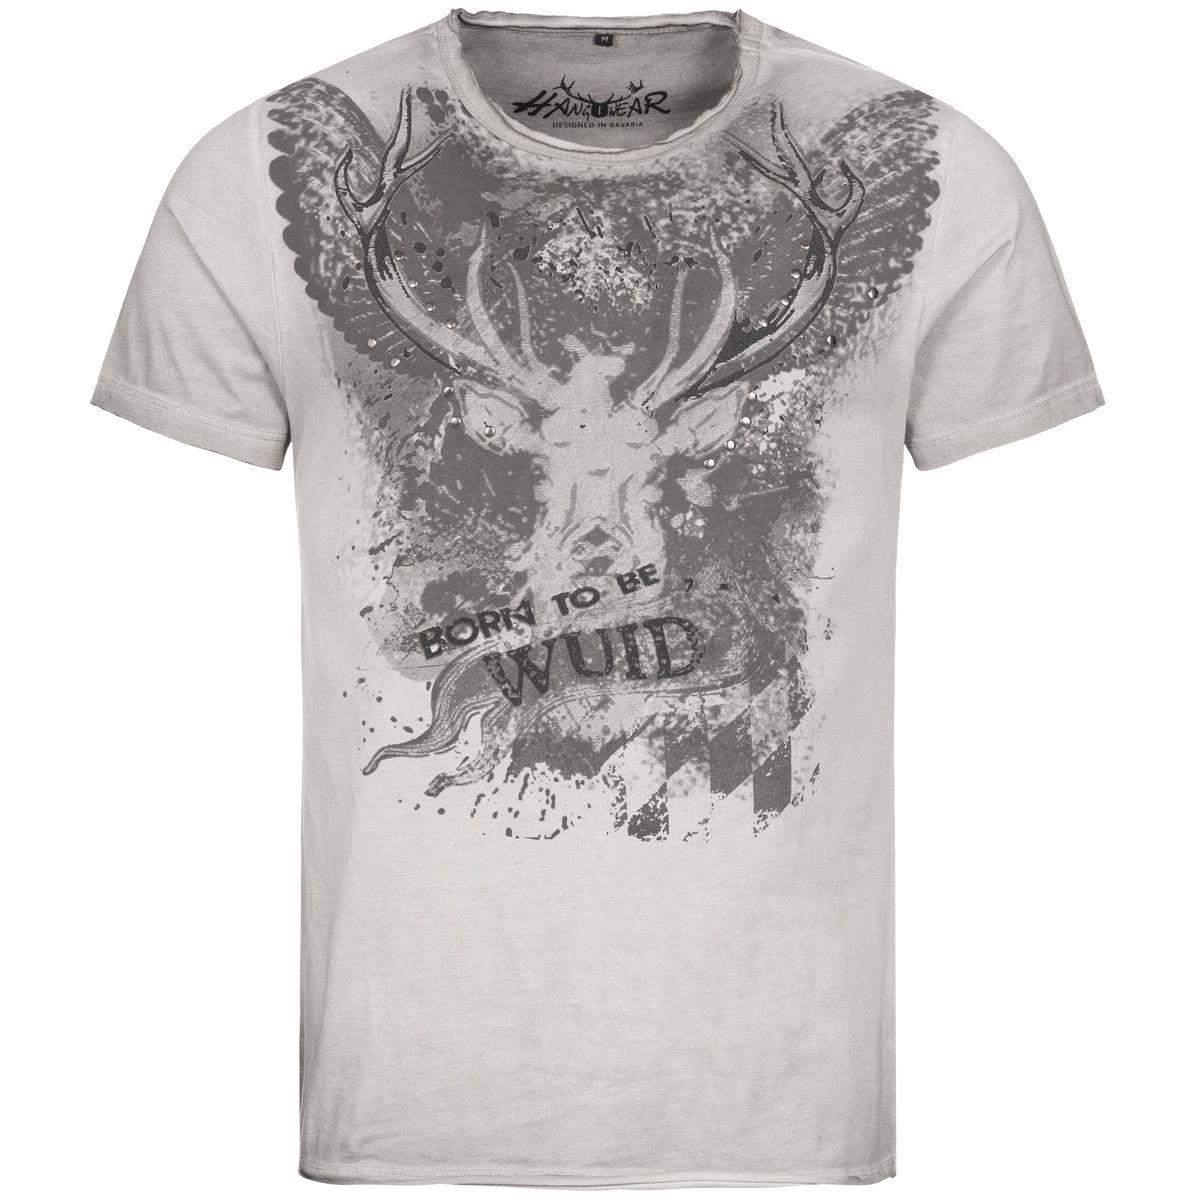 Trachtenshirt Romeo in Grau von Hangowear günstig online kaufen